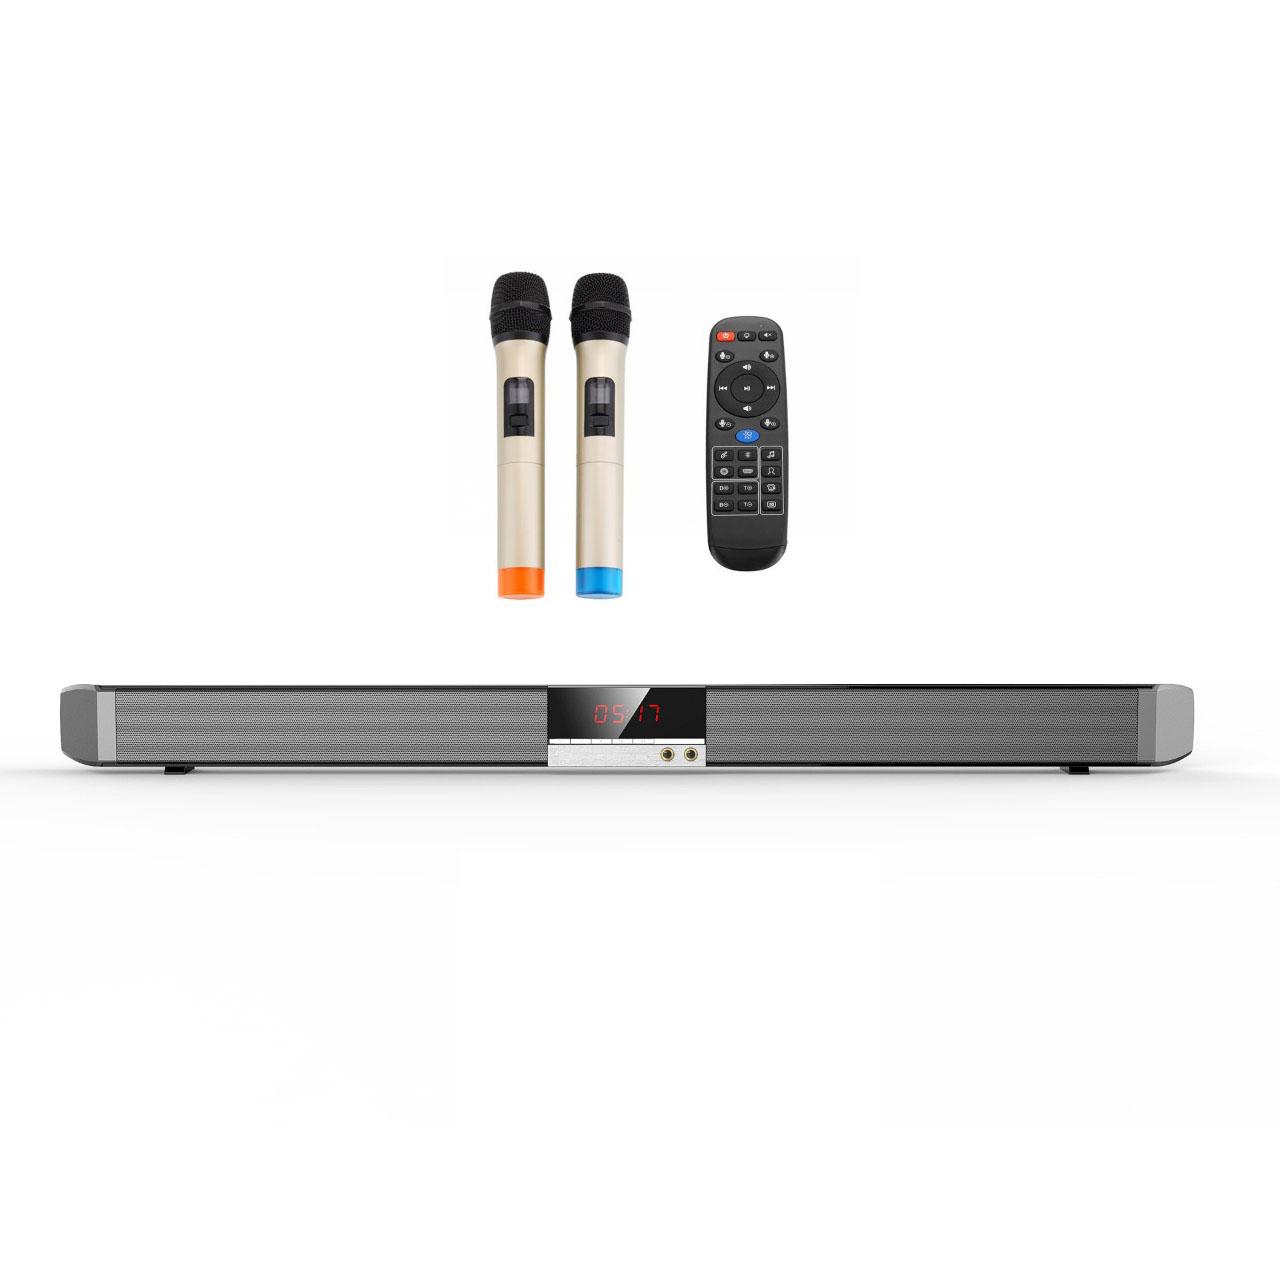 Bộ loa thanh karaoke youtube trên tivi smart SR100 -K ( Hàng nhập khẩu )